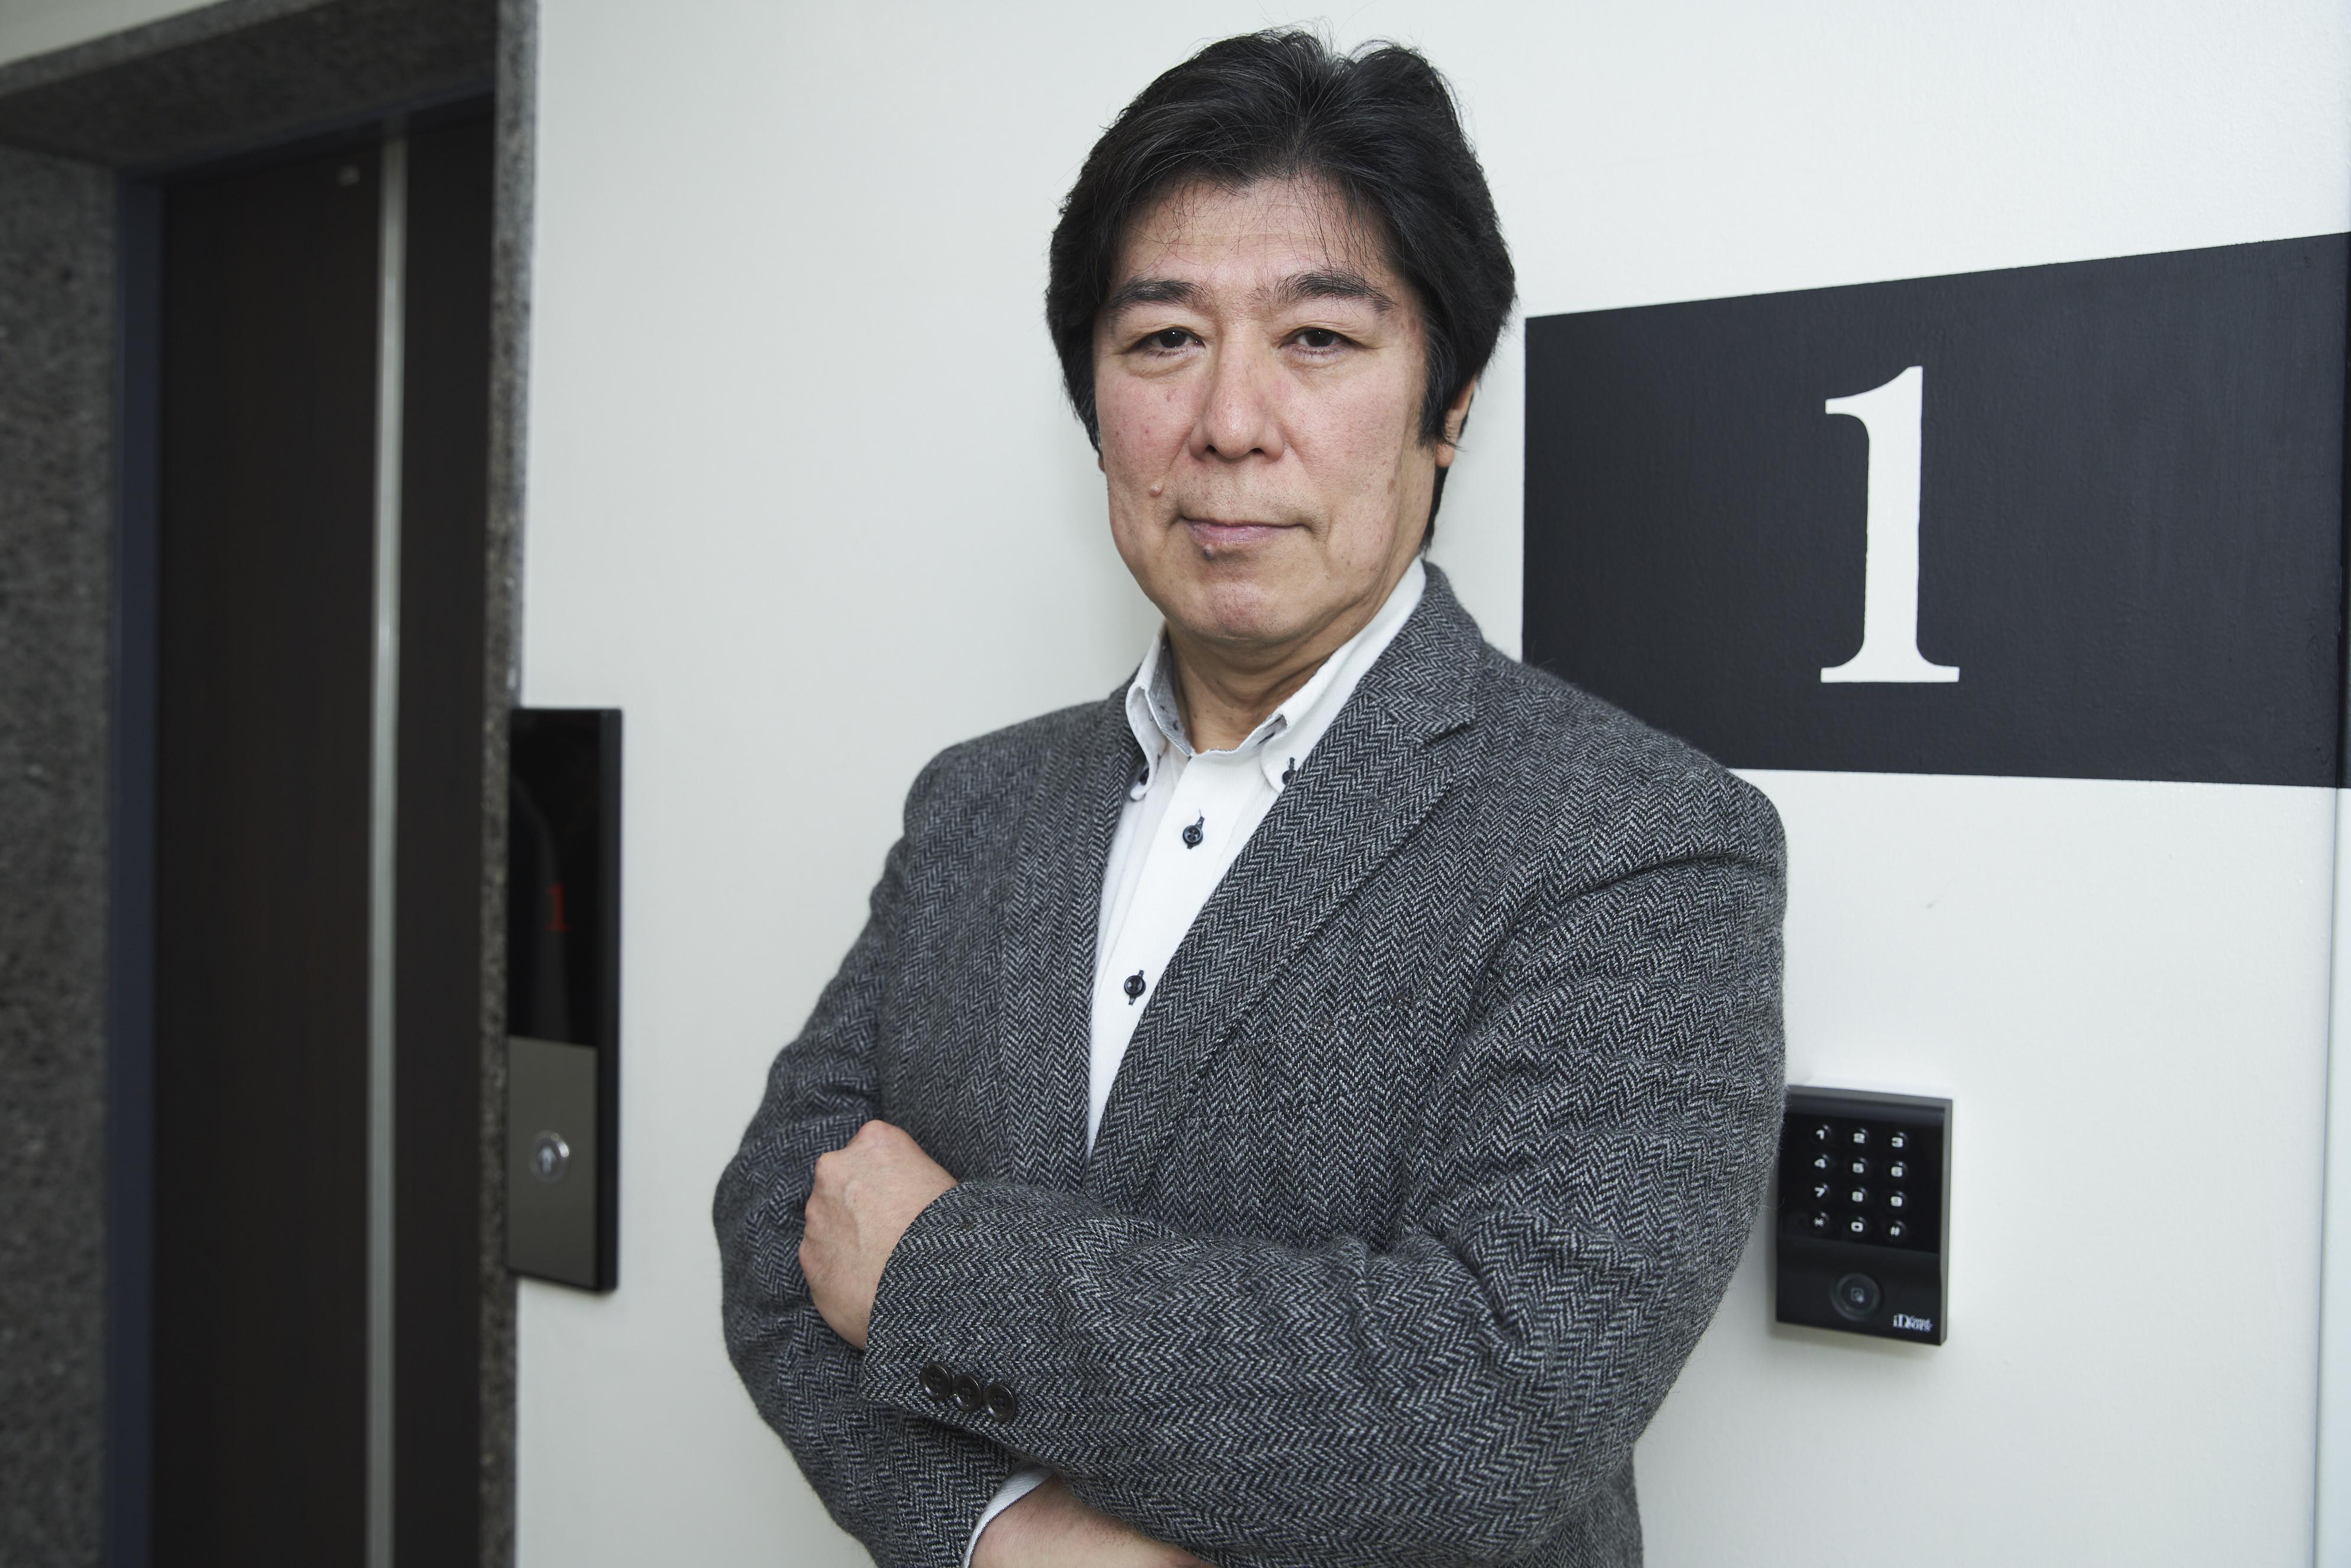 災害危機管理アドバイザーの和田隆昌さんの画像